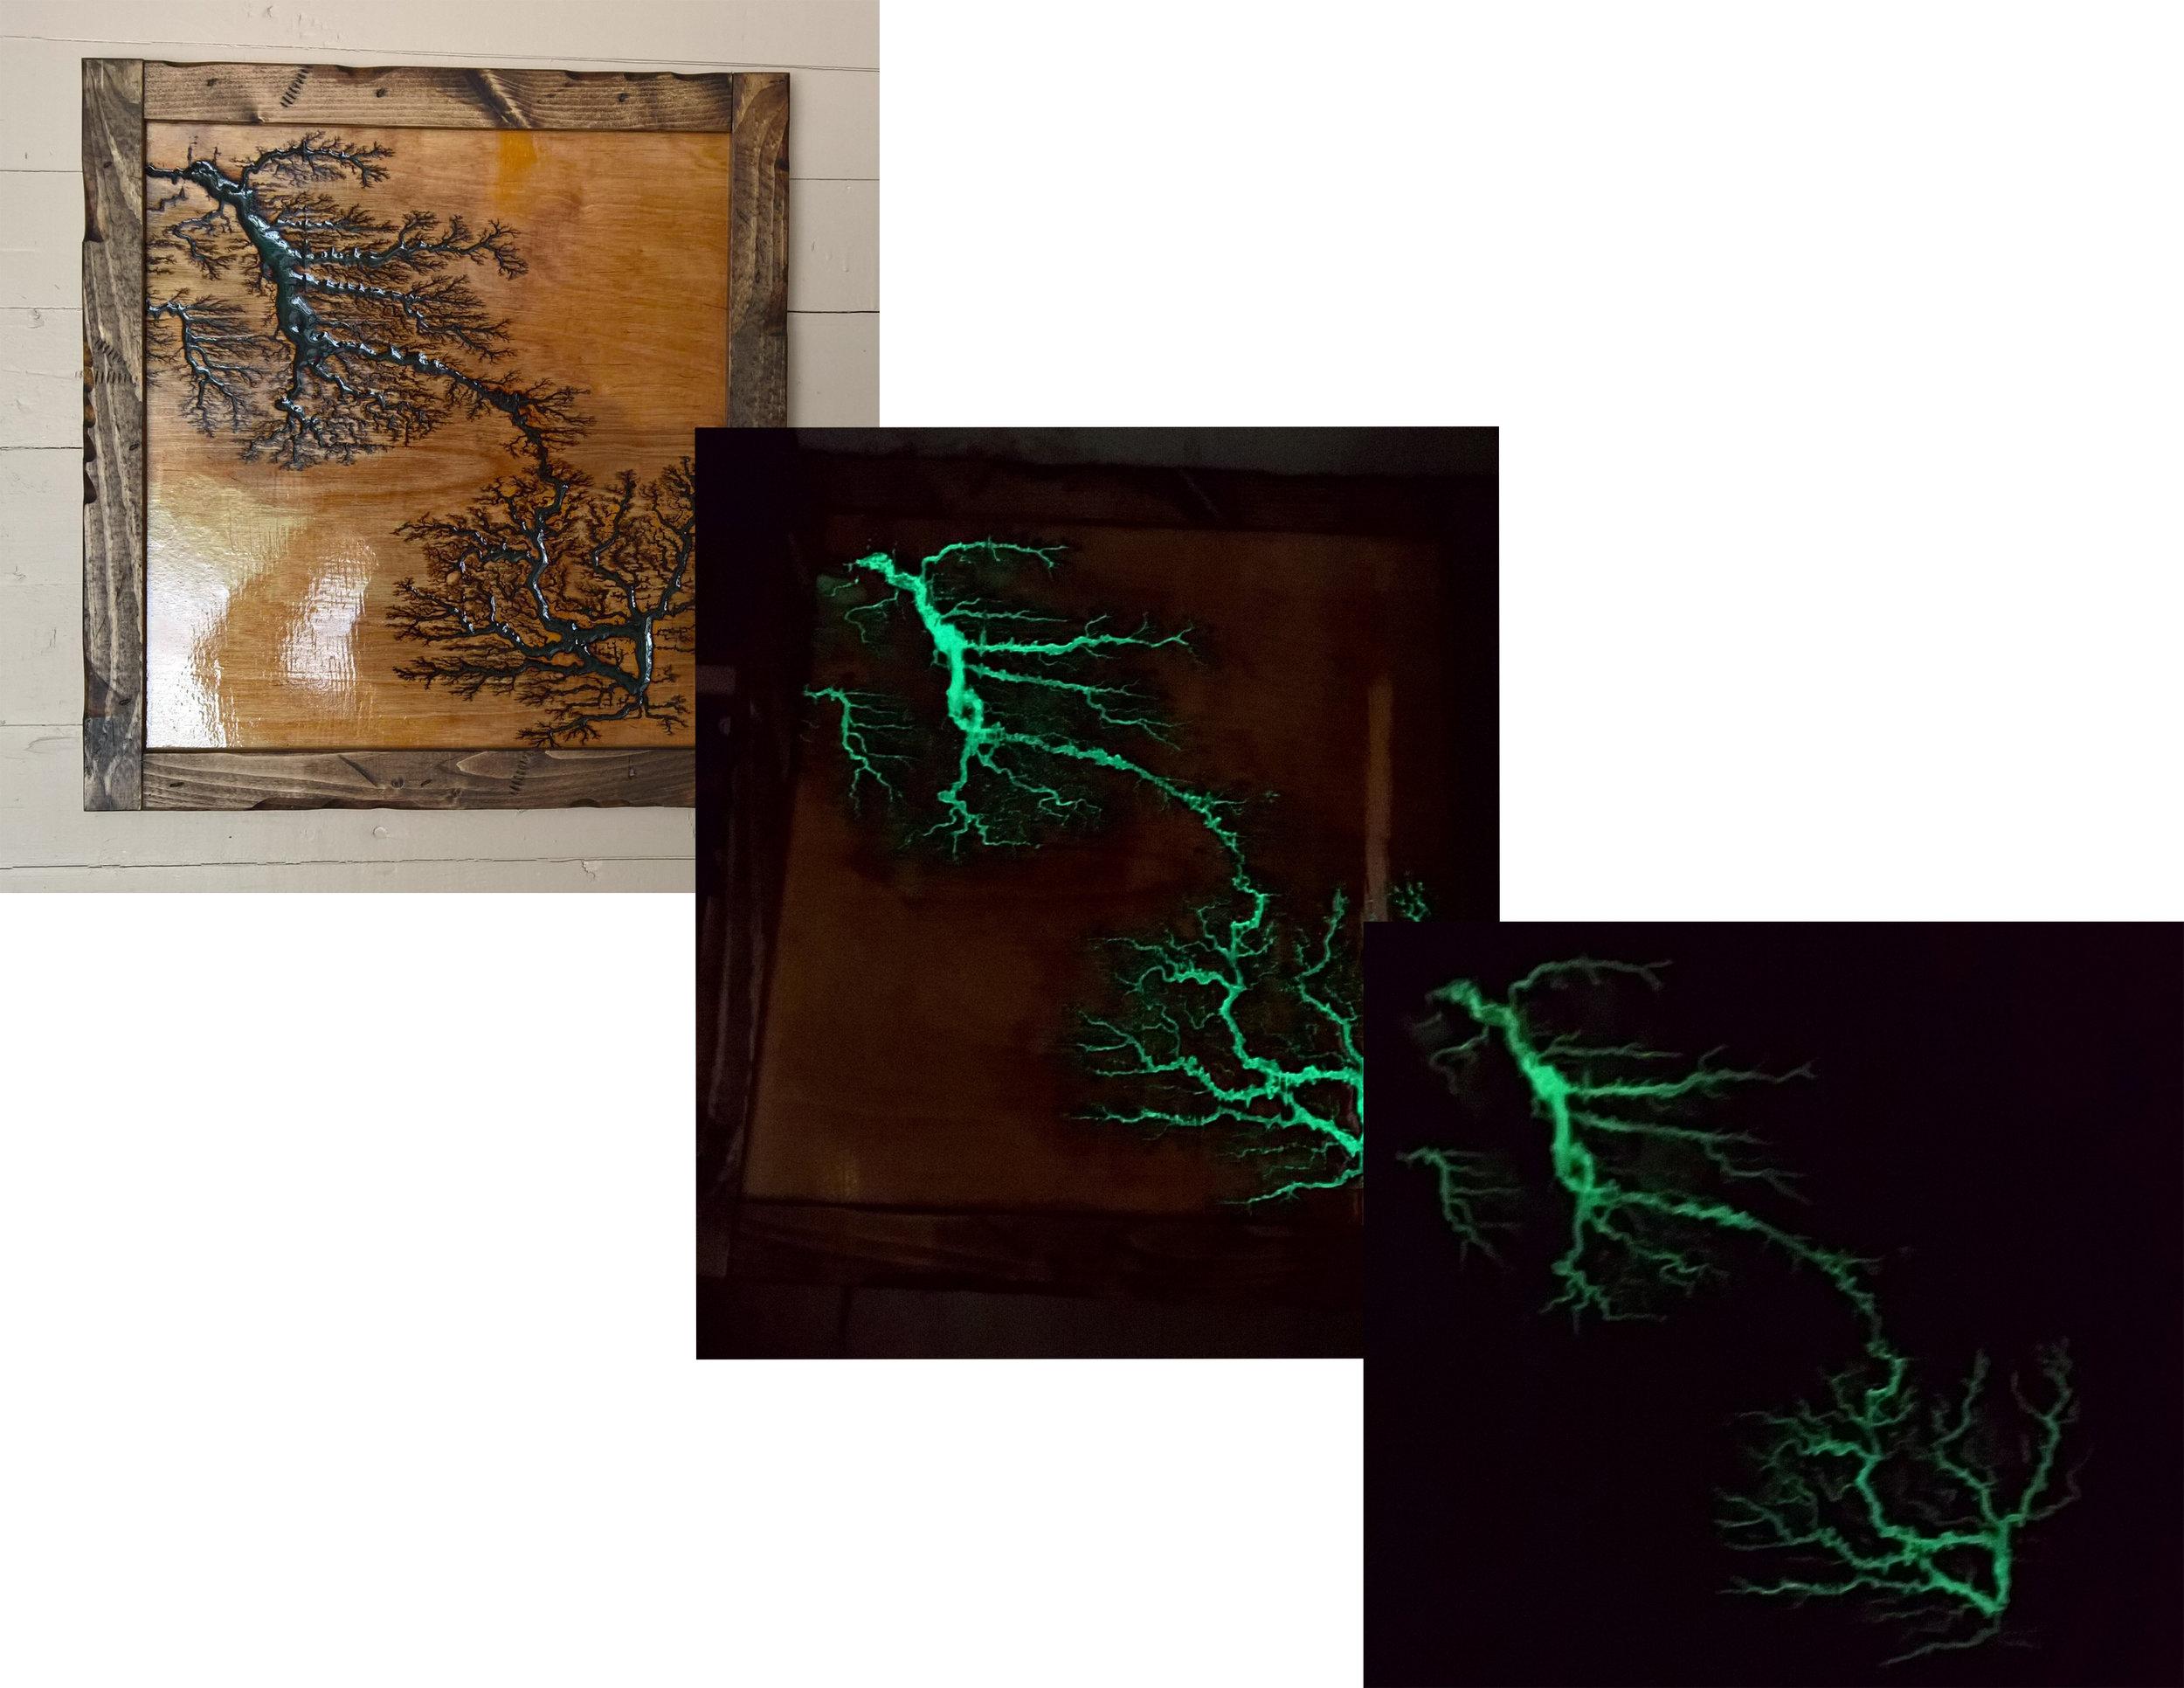 Lichtenberg Fractal Art Work 01.jpg